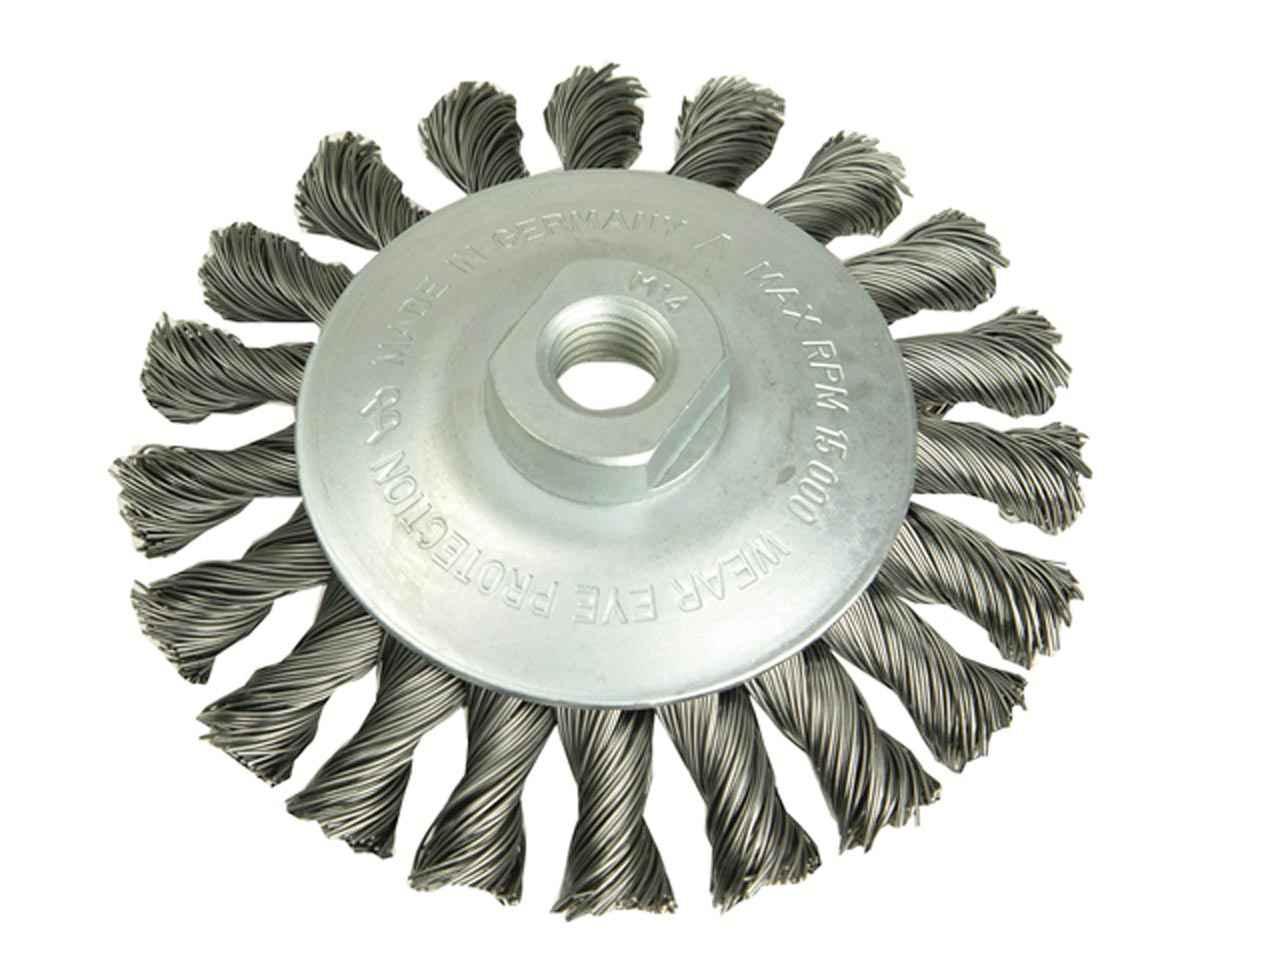 Lessman LES424367 cup brush 80 x M14 x 2.00 x 0.30 en acier inoxydable